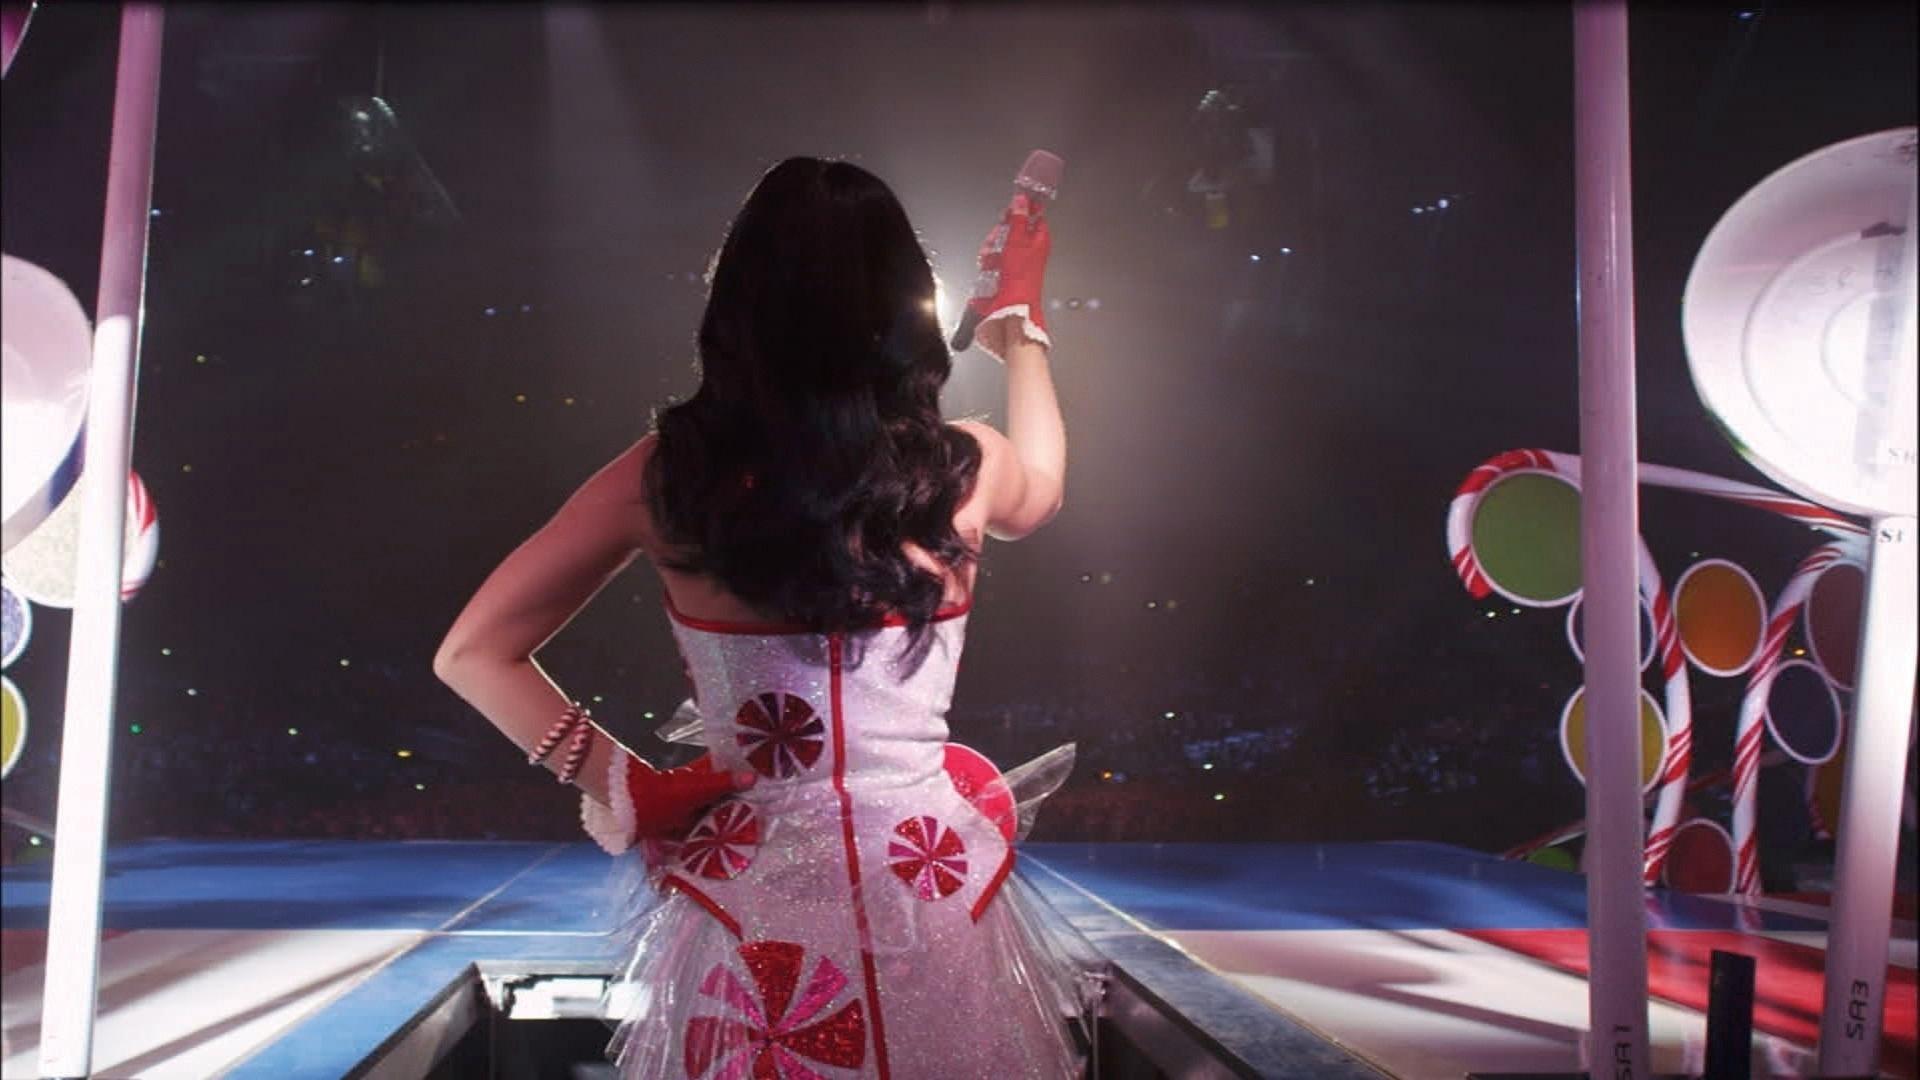 Bastidores da turnê mostram o cotidiano corrido da cantora, com todos os altos e baixos de uma longa série de shows